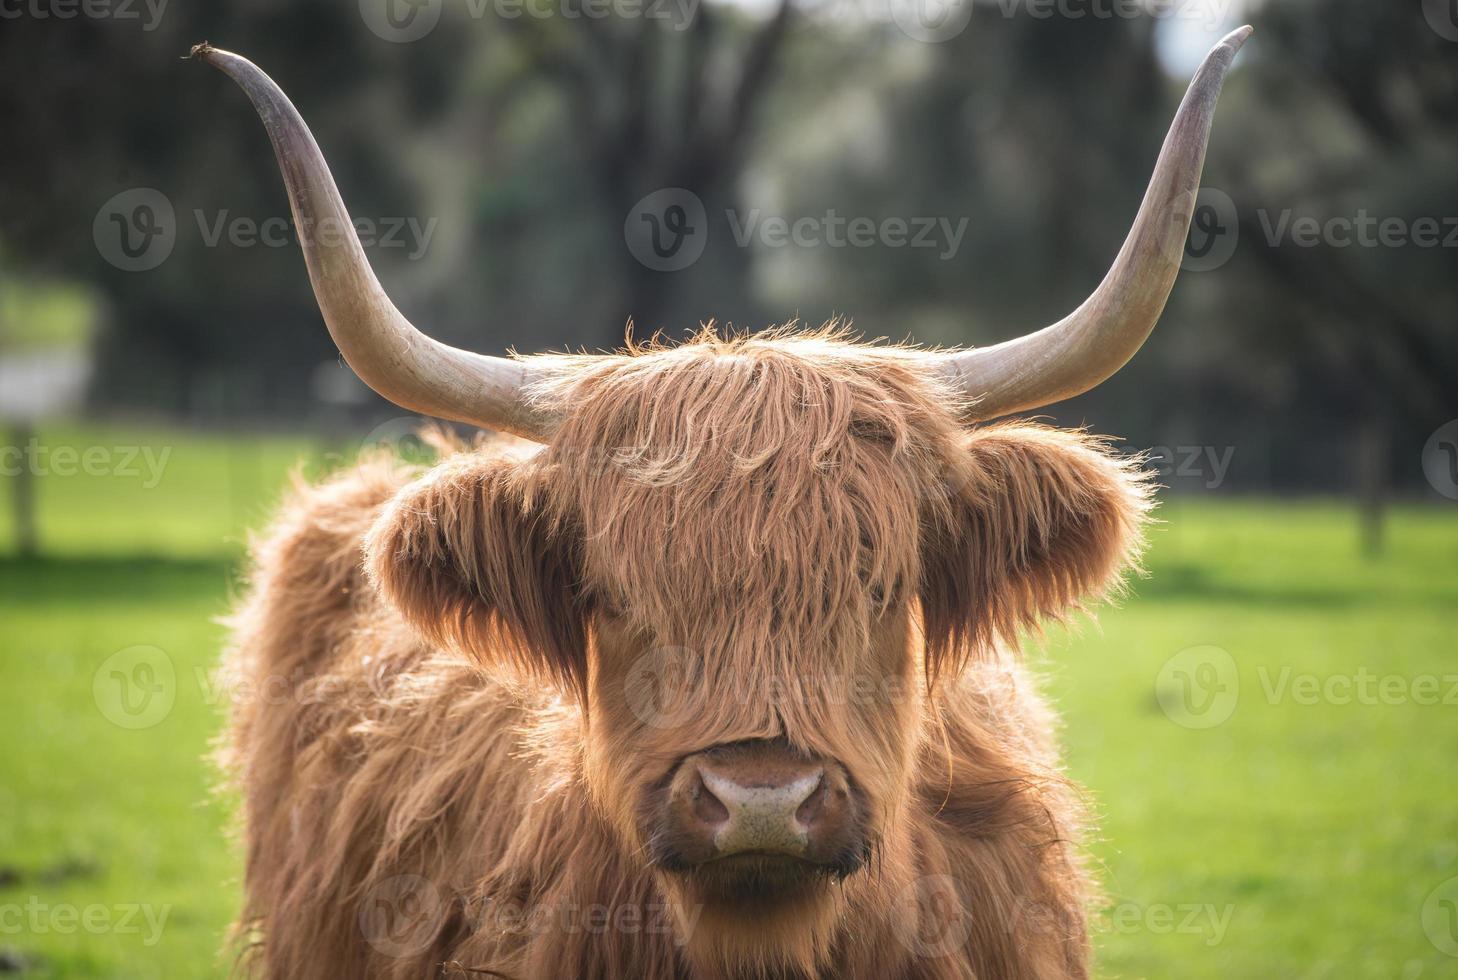 la vache des Highlands en Australie. photo